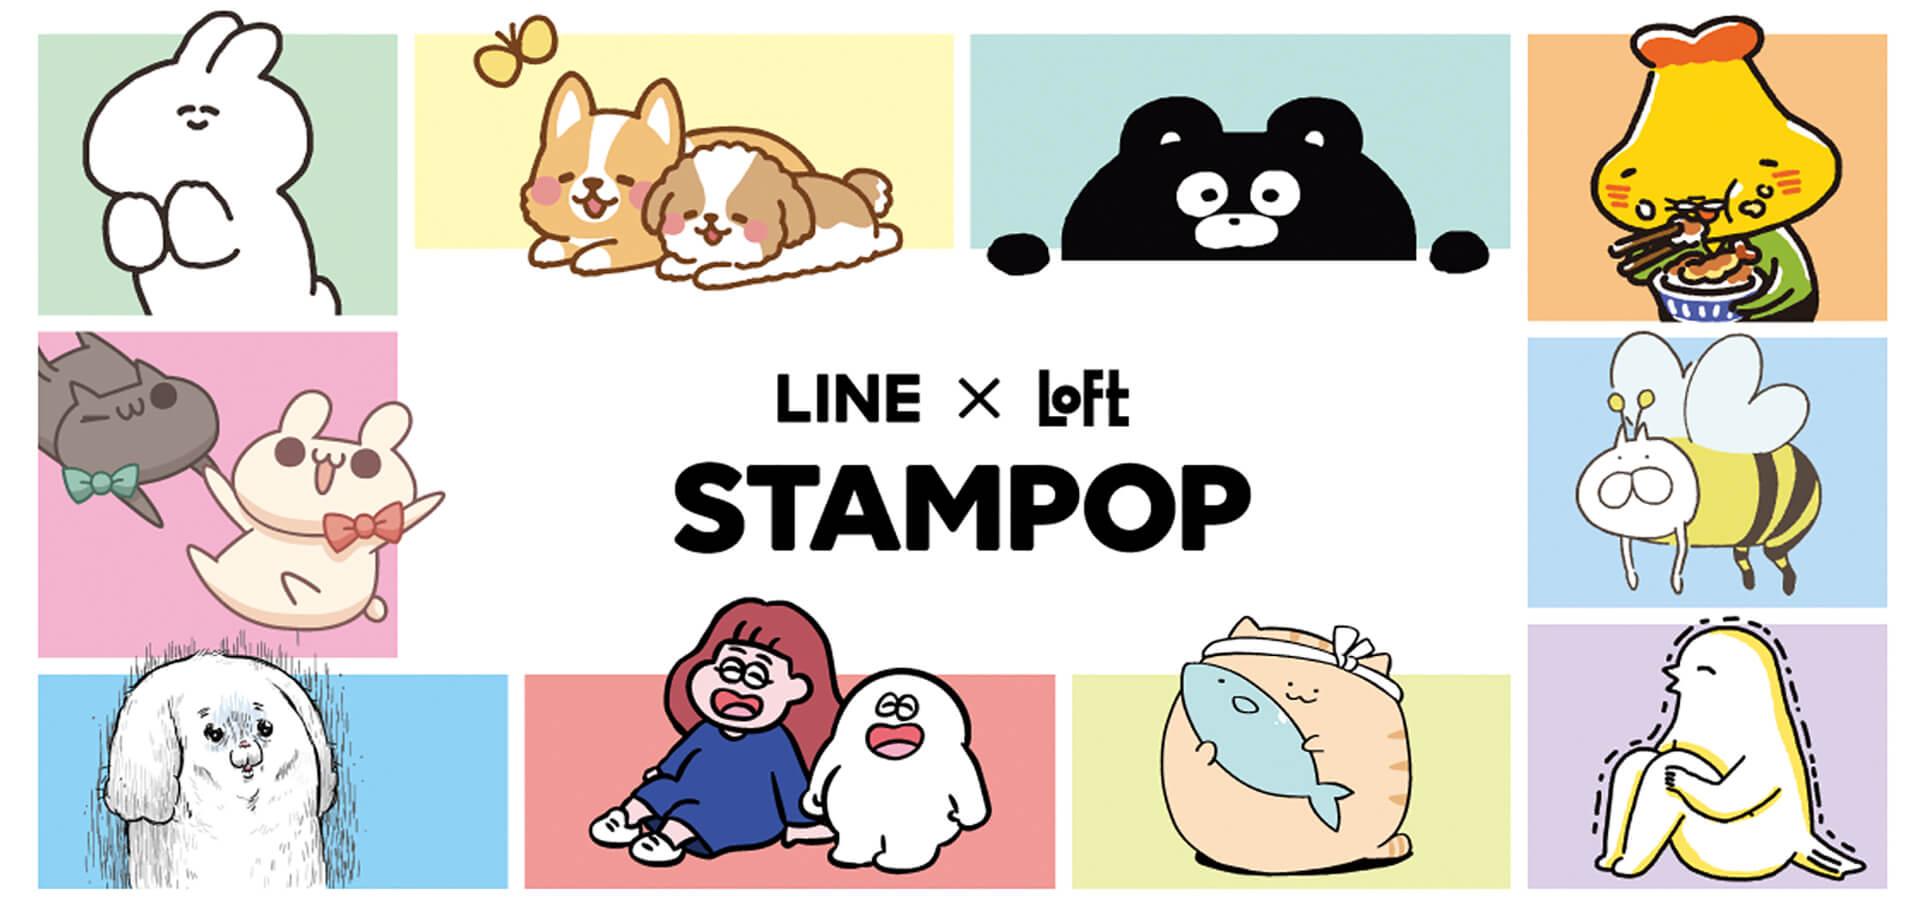 渋谷ロフト「STAMPOP LINE×LOFT EVENT」